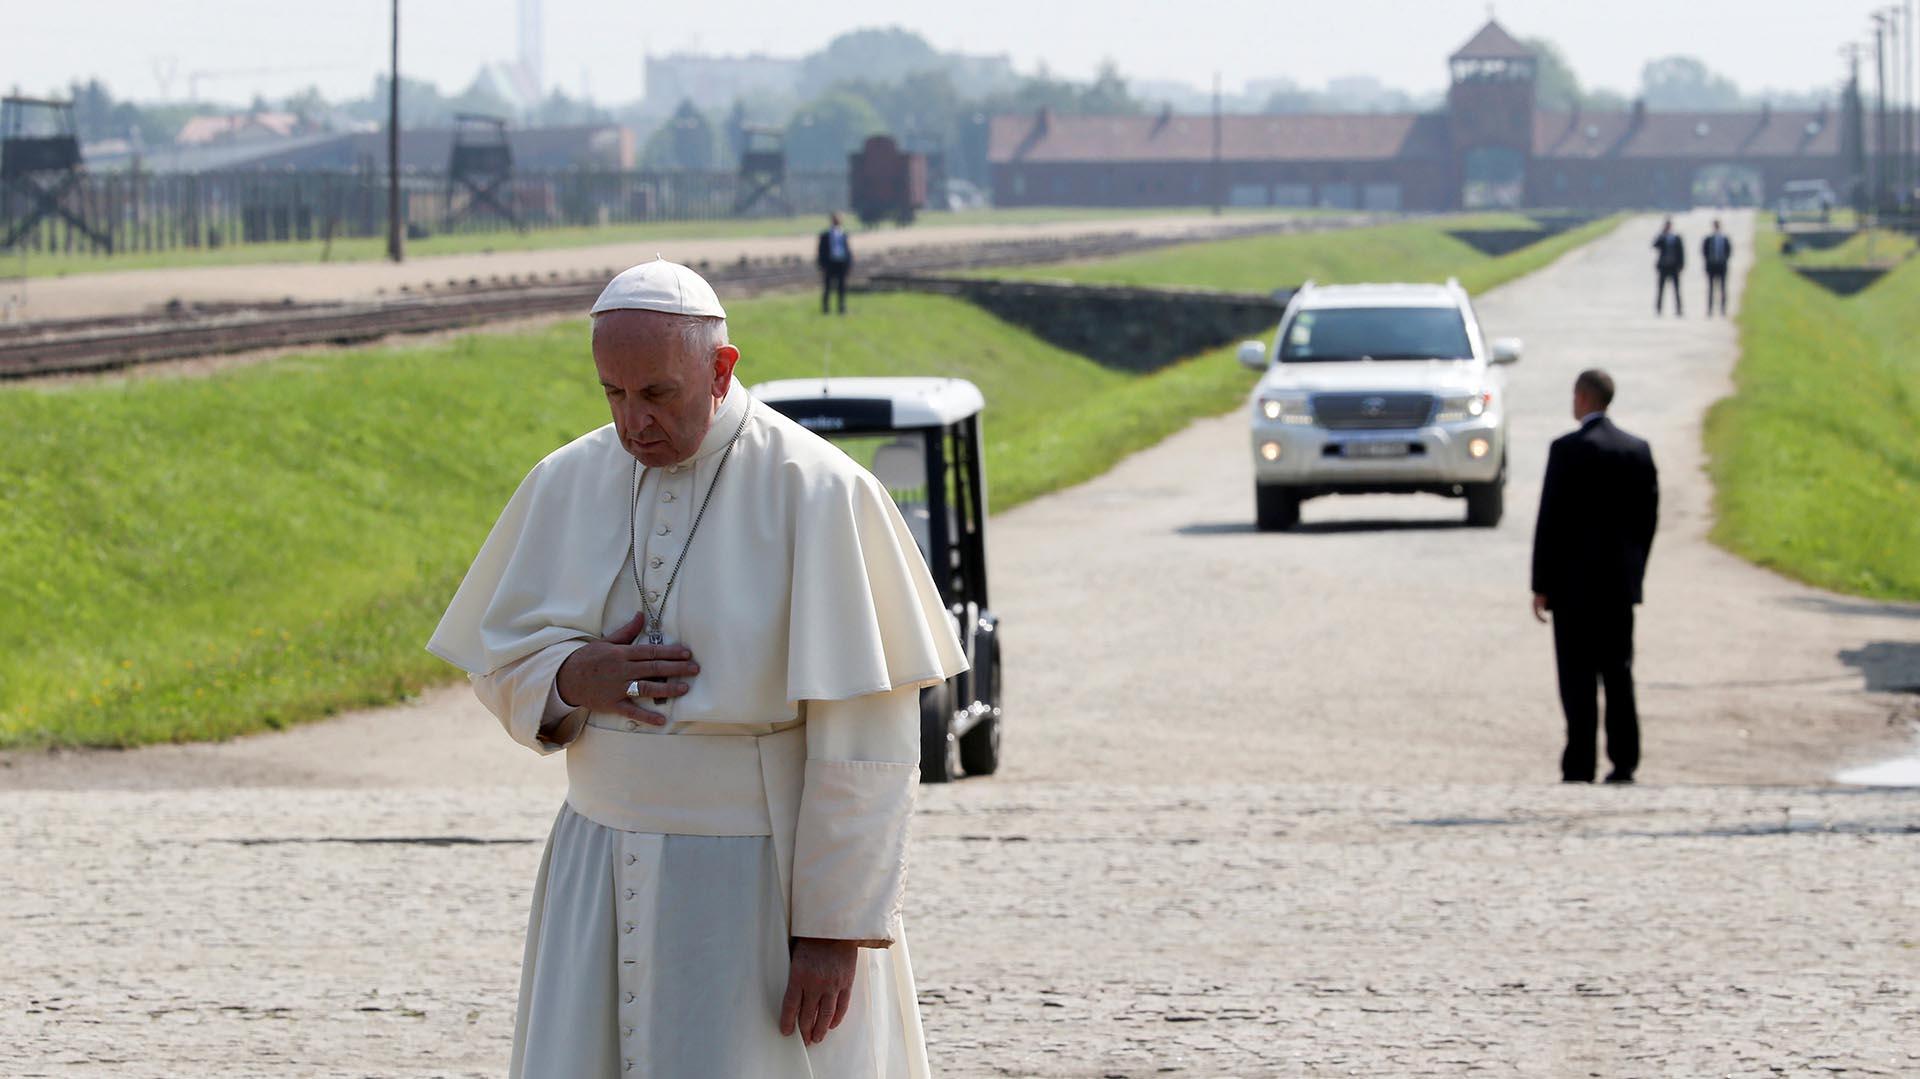 Frtancisco prefirió que su recorrido sea en silencio y soledad (Reuters)